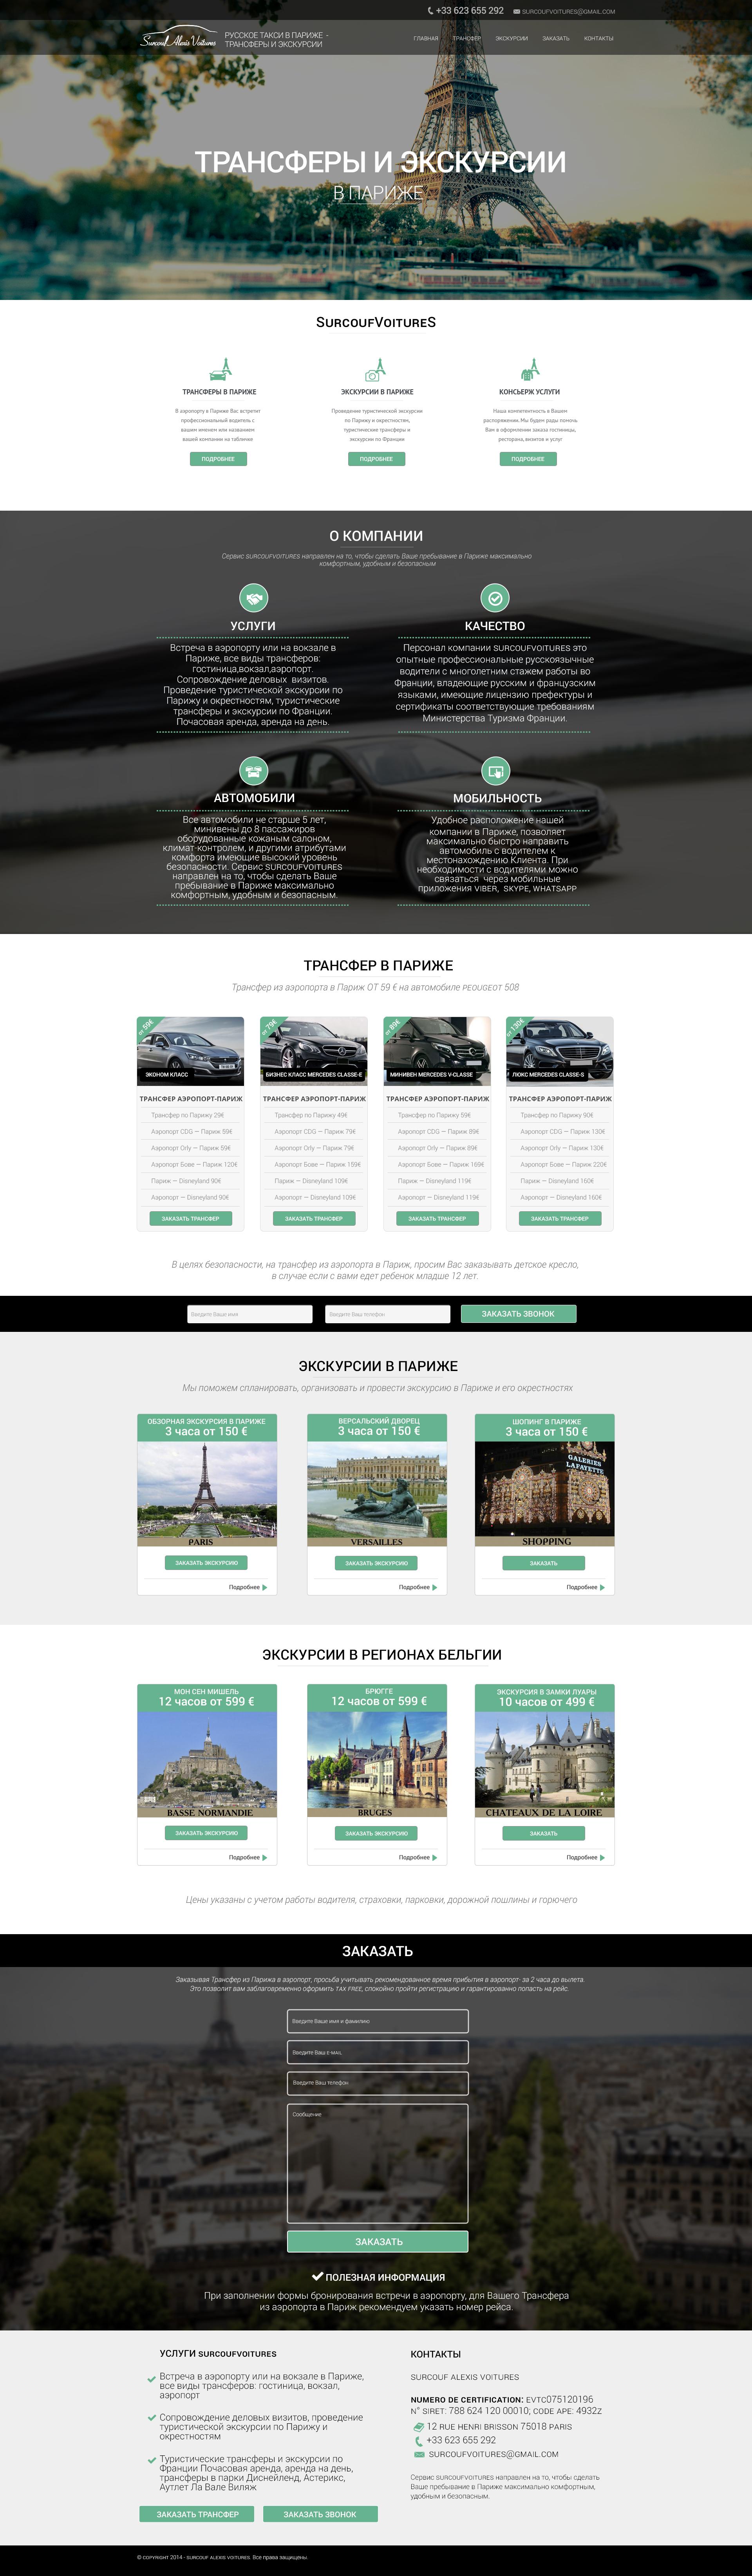 Разработка дизайна landing page для трансфера во Франции, ПРОДАЕТСЯ